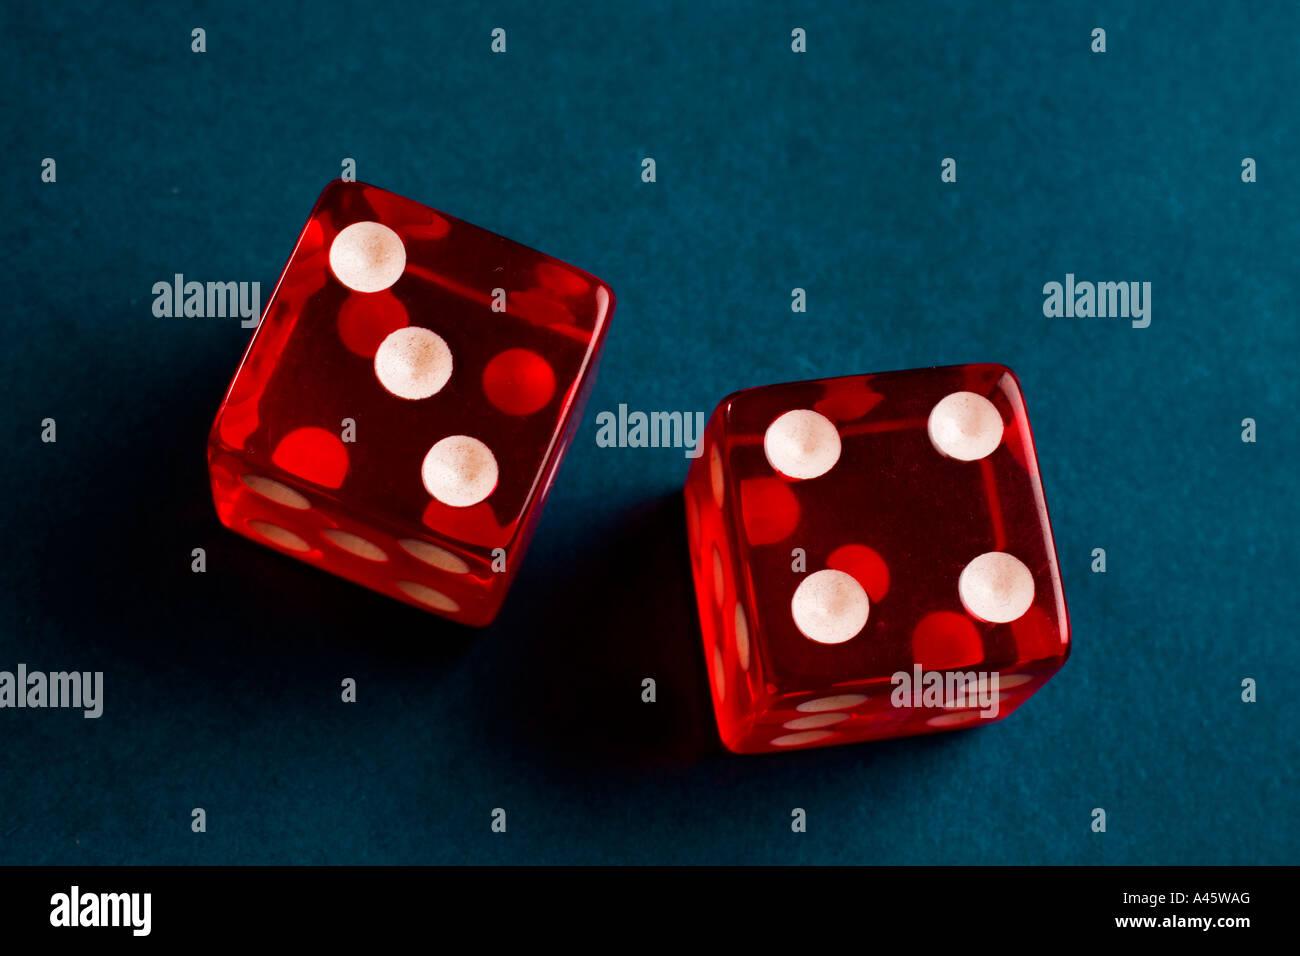 Una coppia di dadi con il numero sette mostra Immagini Stock